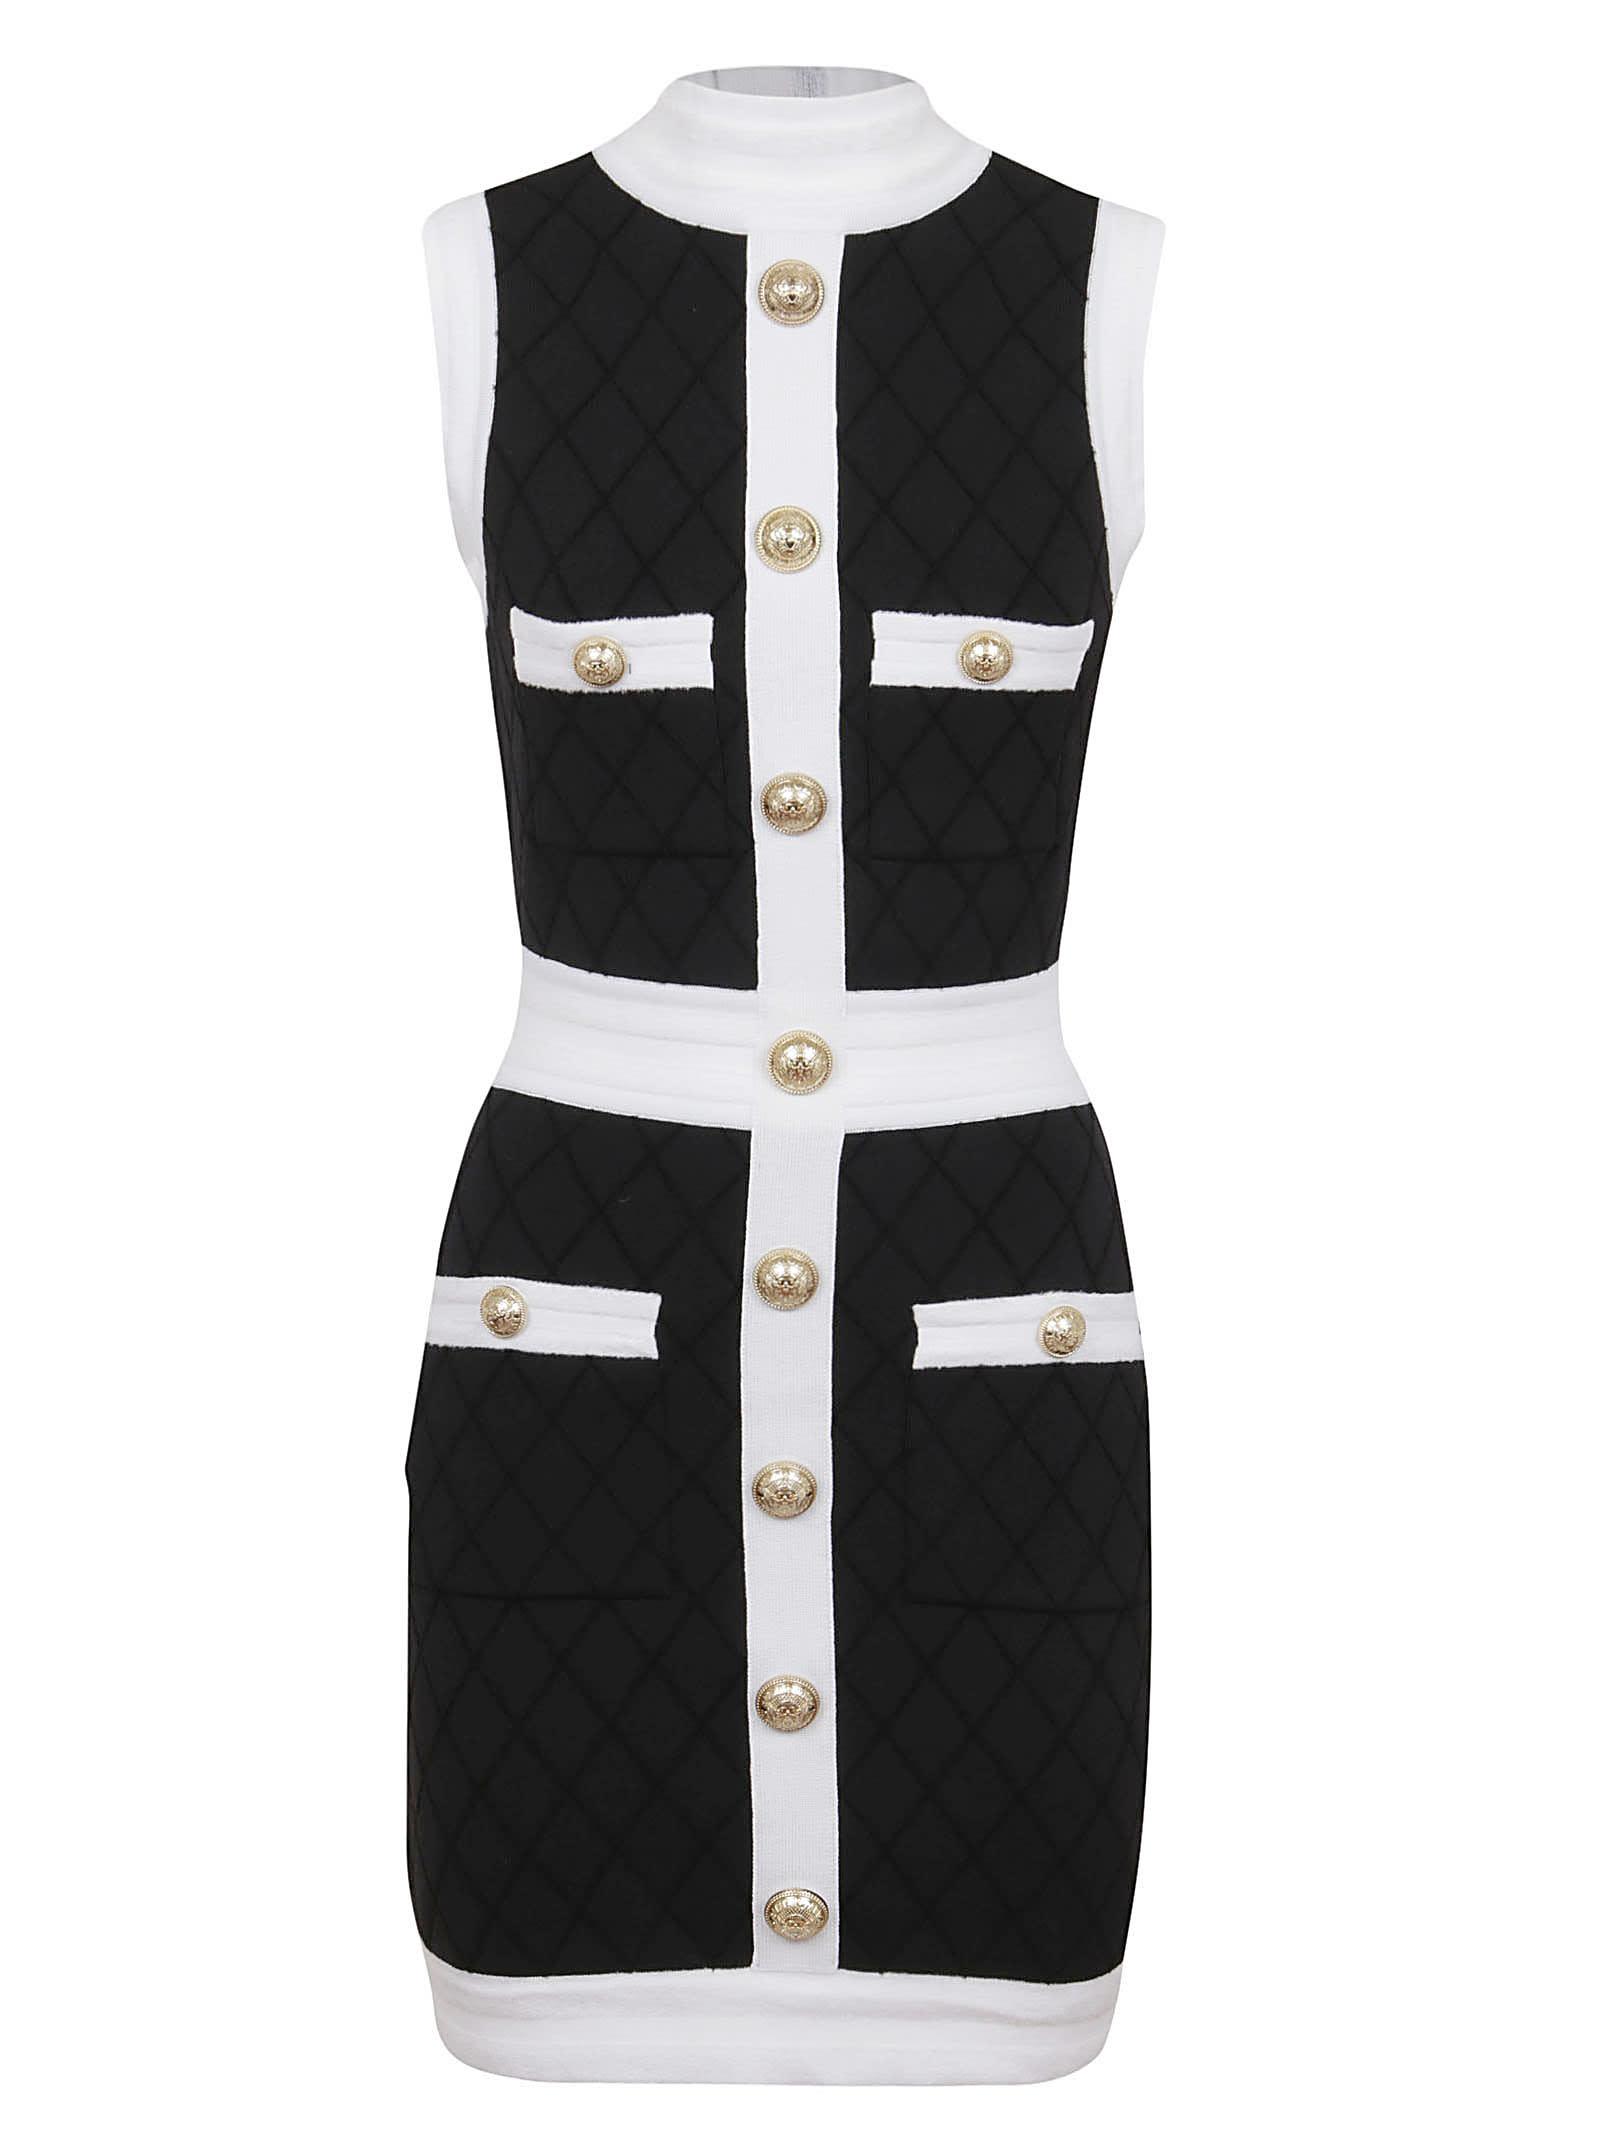 Balmain Short Sleeveless Quilted Dress